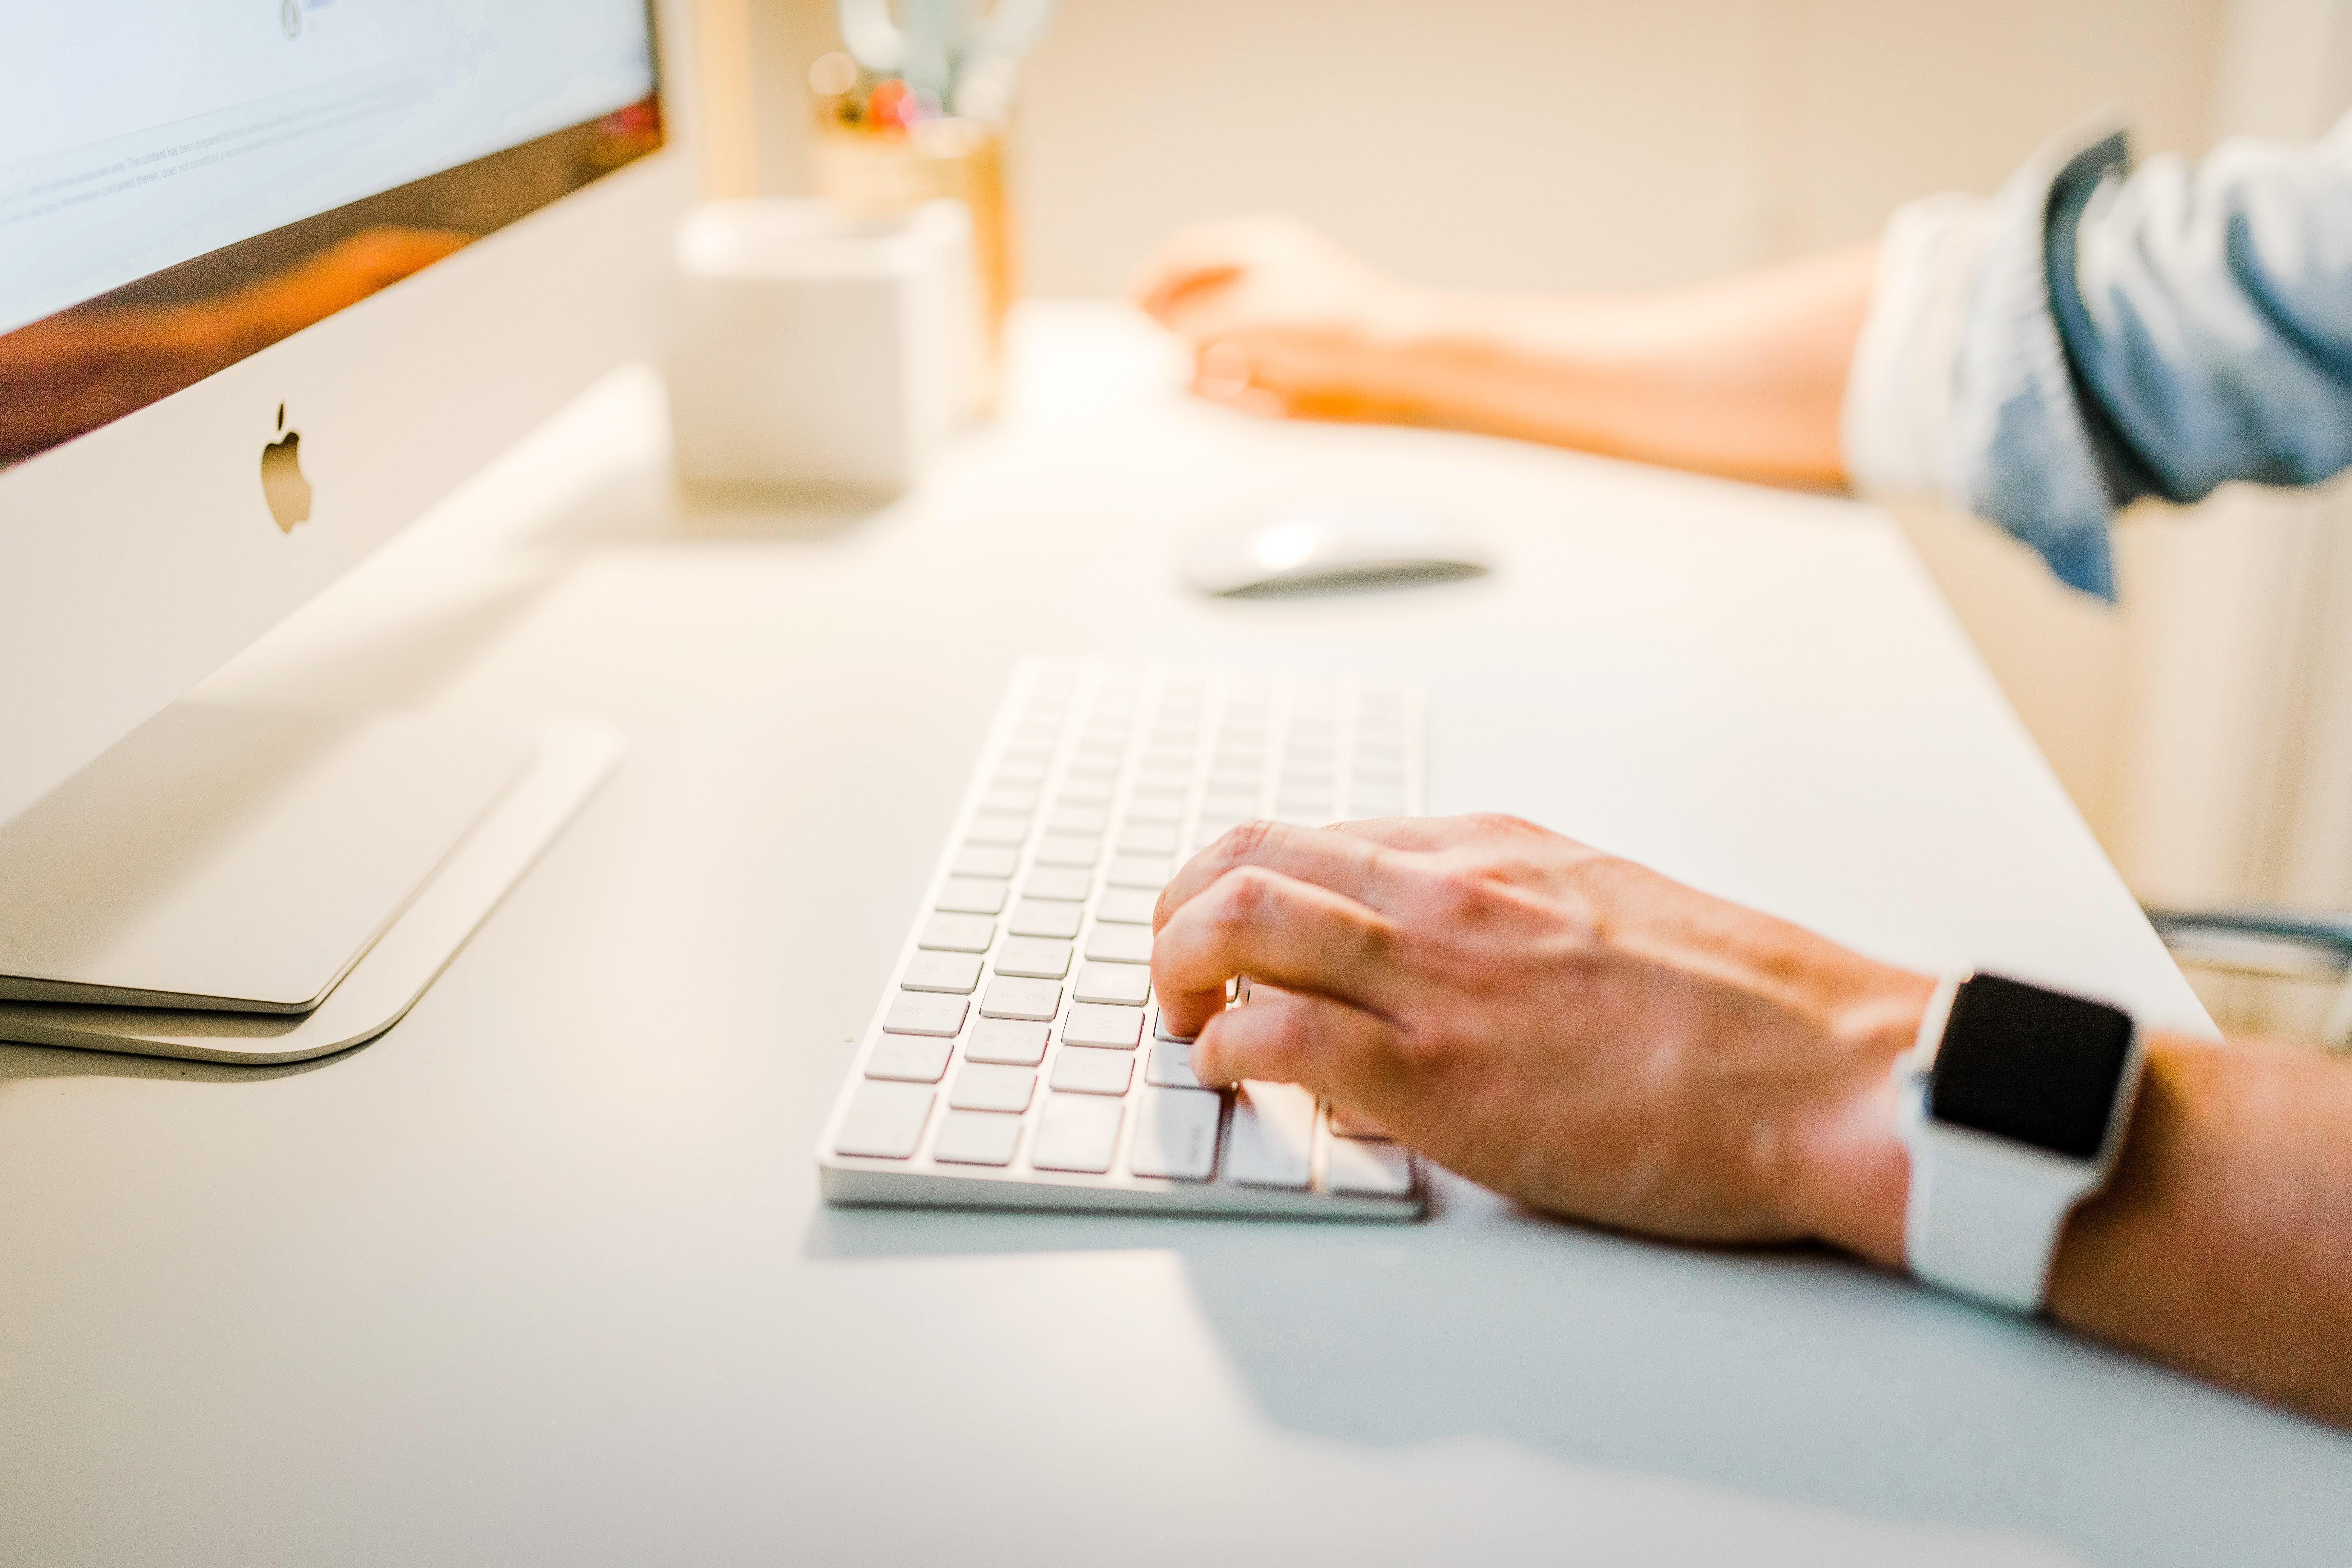 10 SEO Tips for Startups